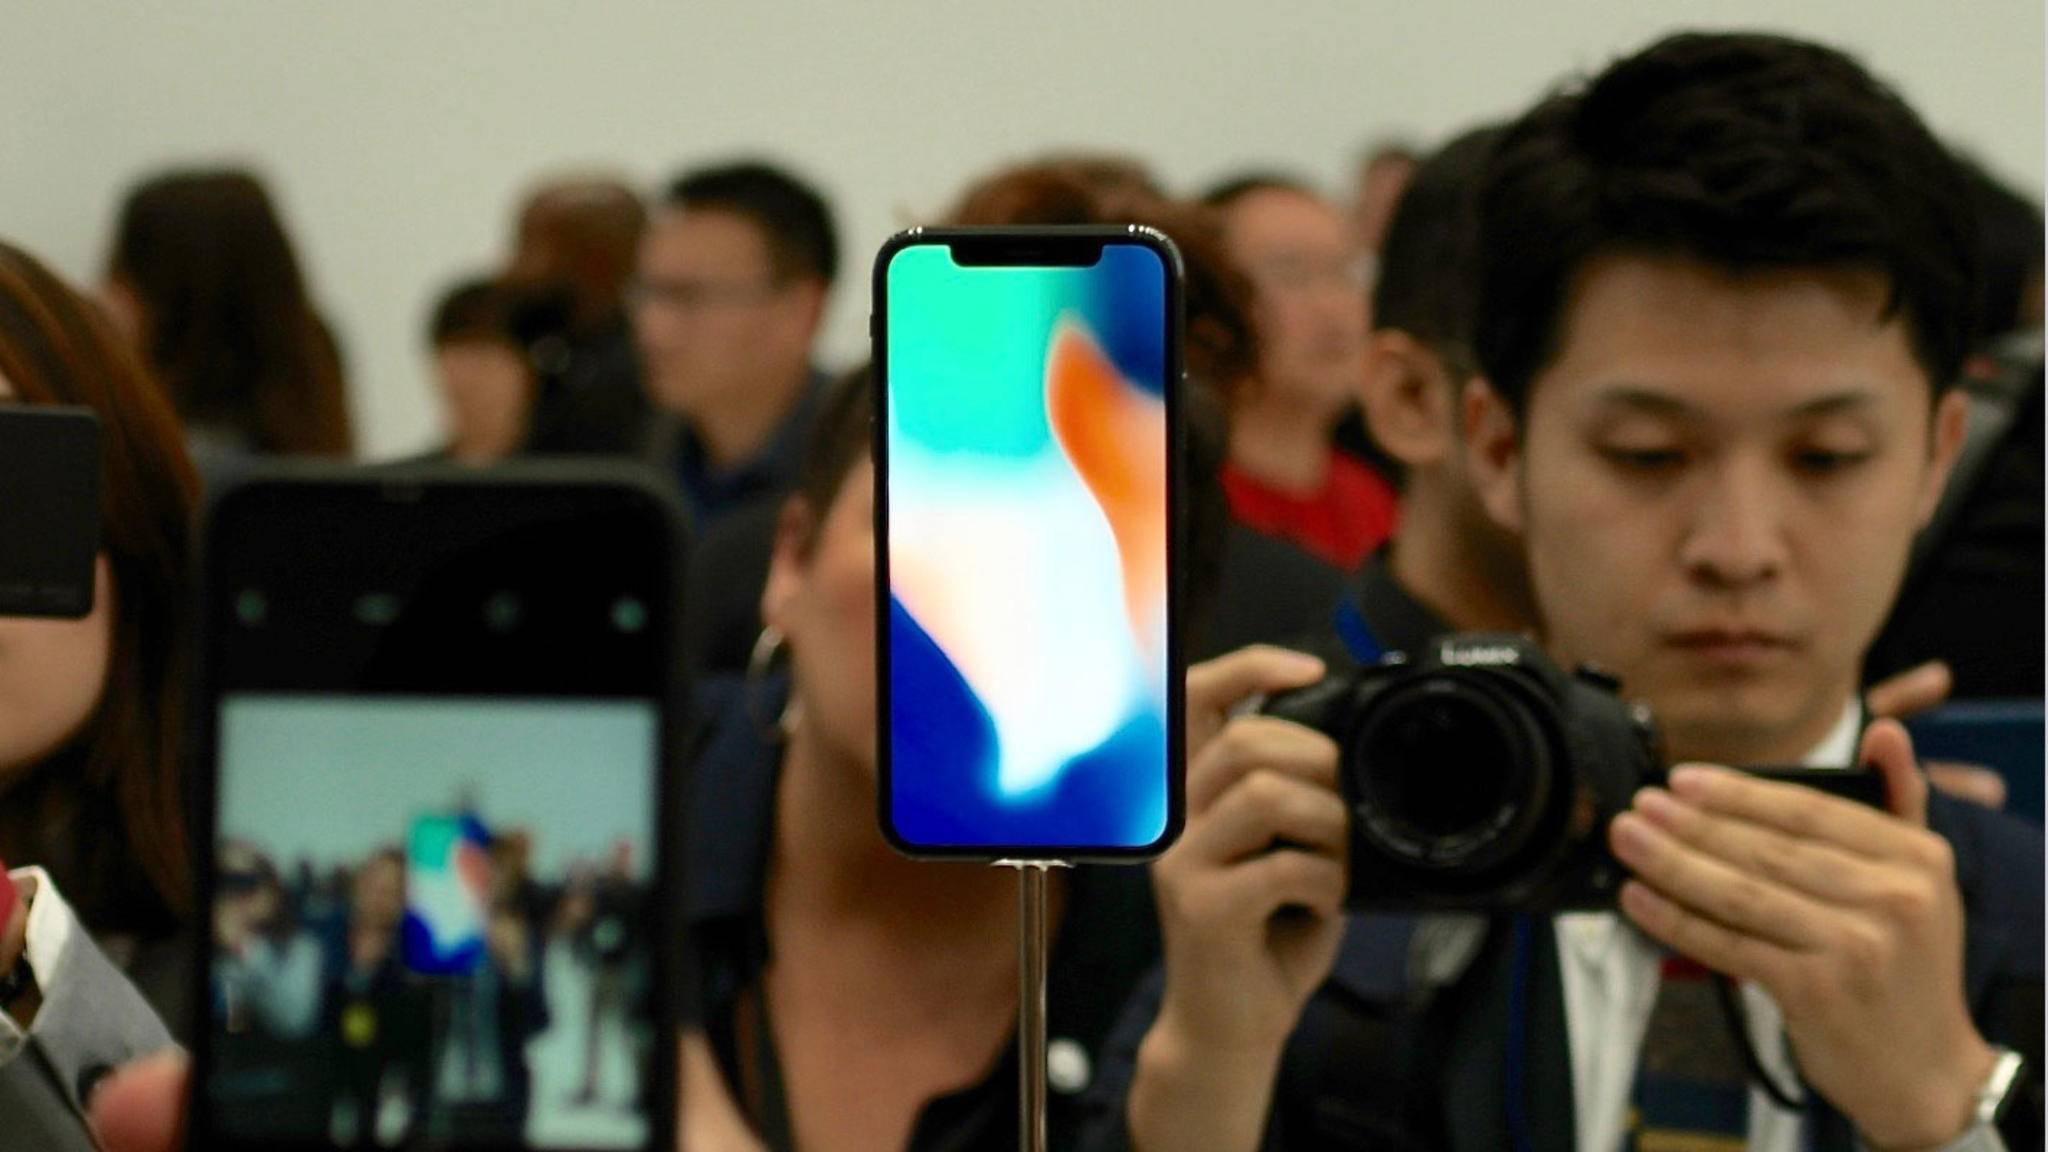 Solche Bilder vom iPhone X kennen wir zu Genüge. Doch neue Aufnahmen zeigen das iPhone X völlig ablenklungsfrei.